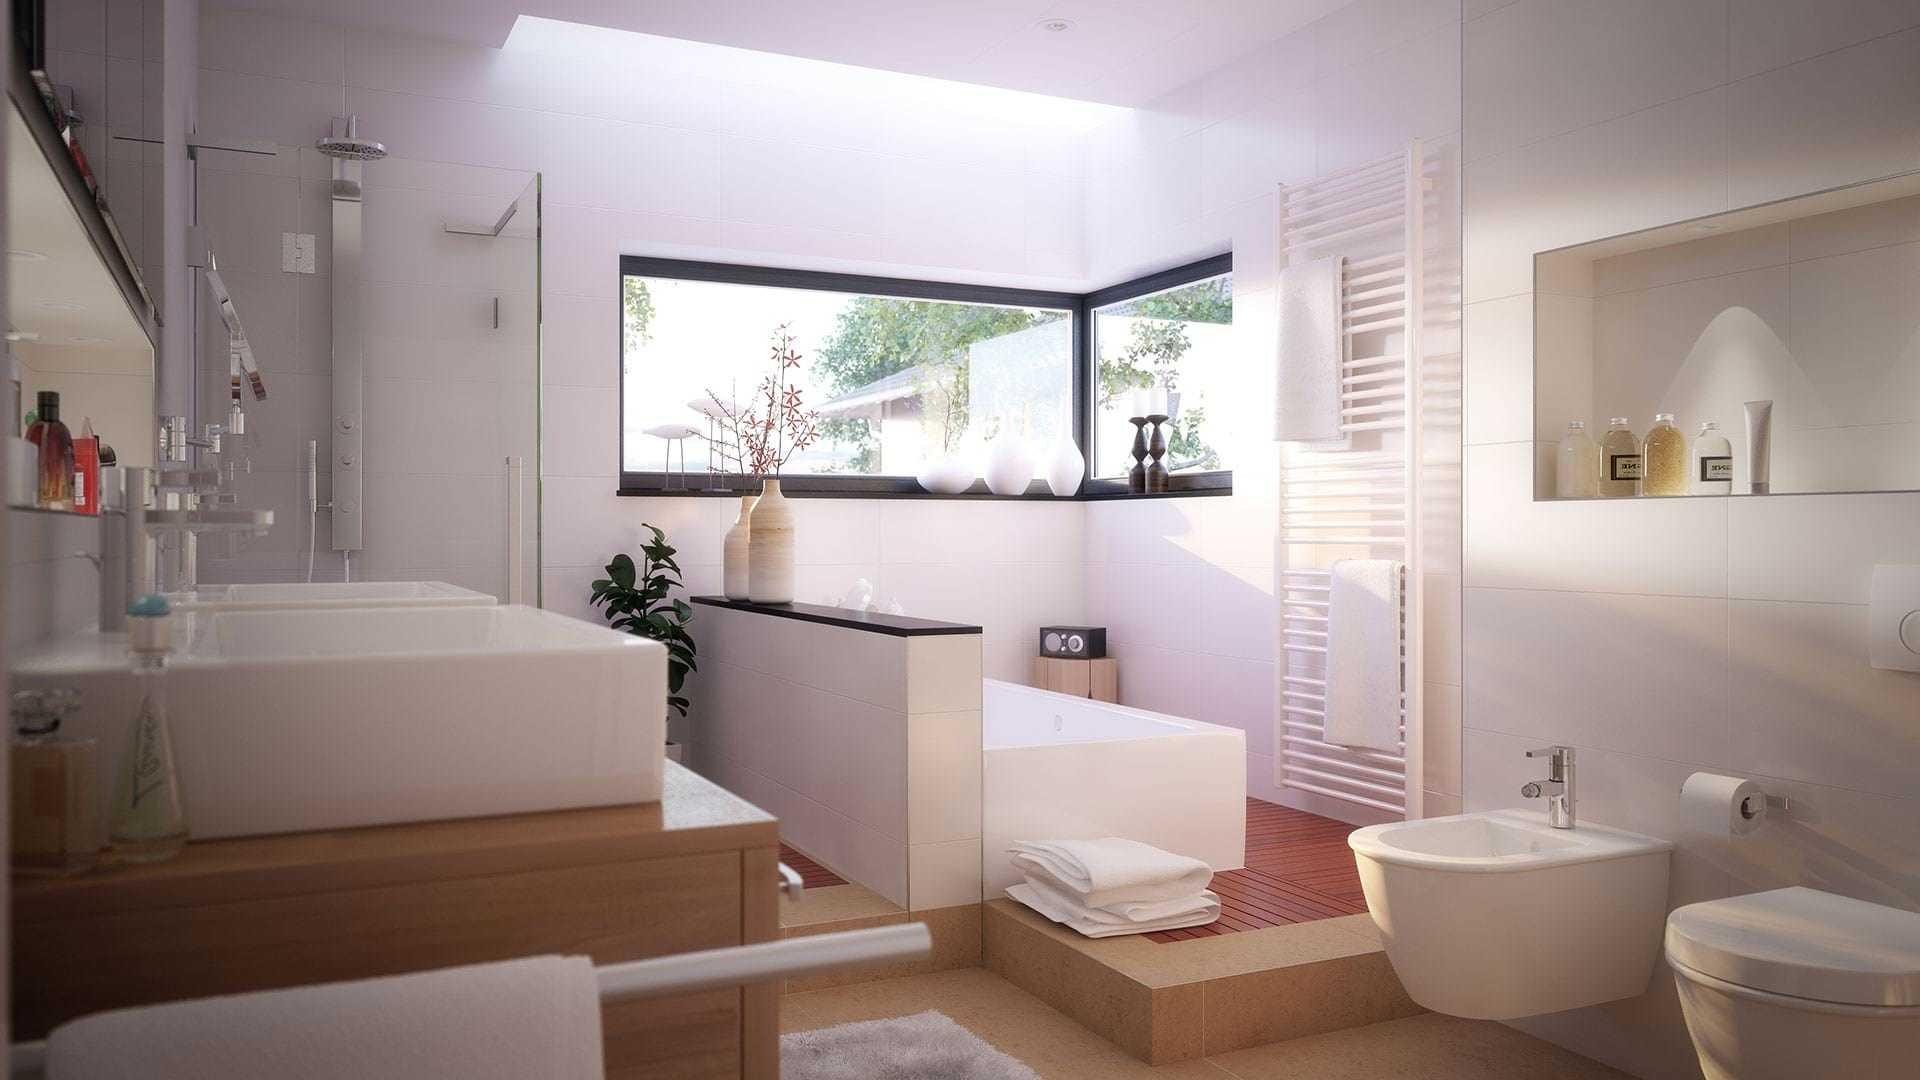 fenster im badezimmer welche fenster eignen sich im bad. Black Bedroom Furniture Sets. Home Design Ideas